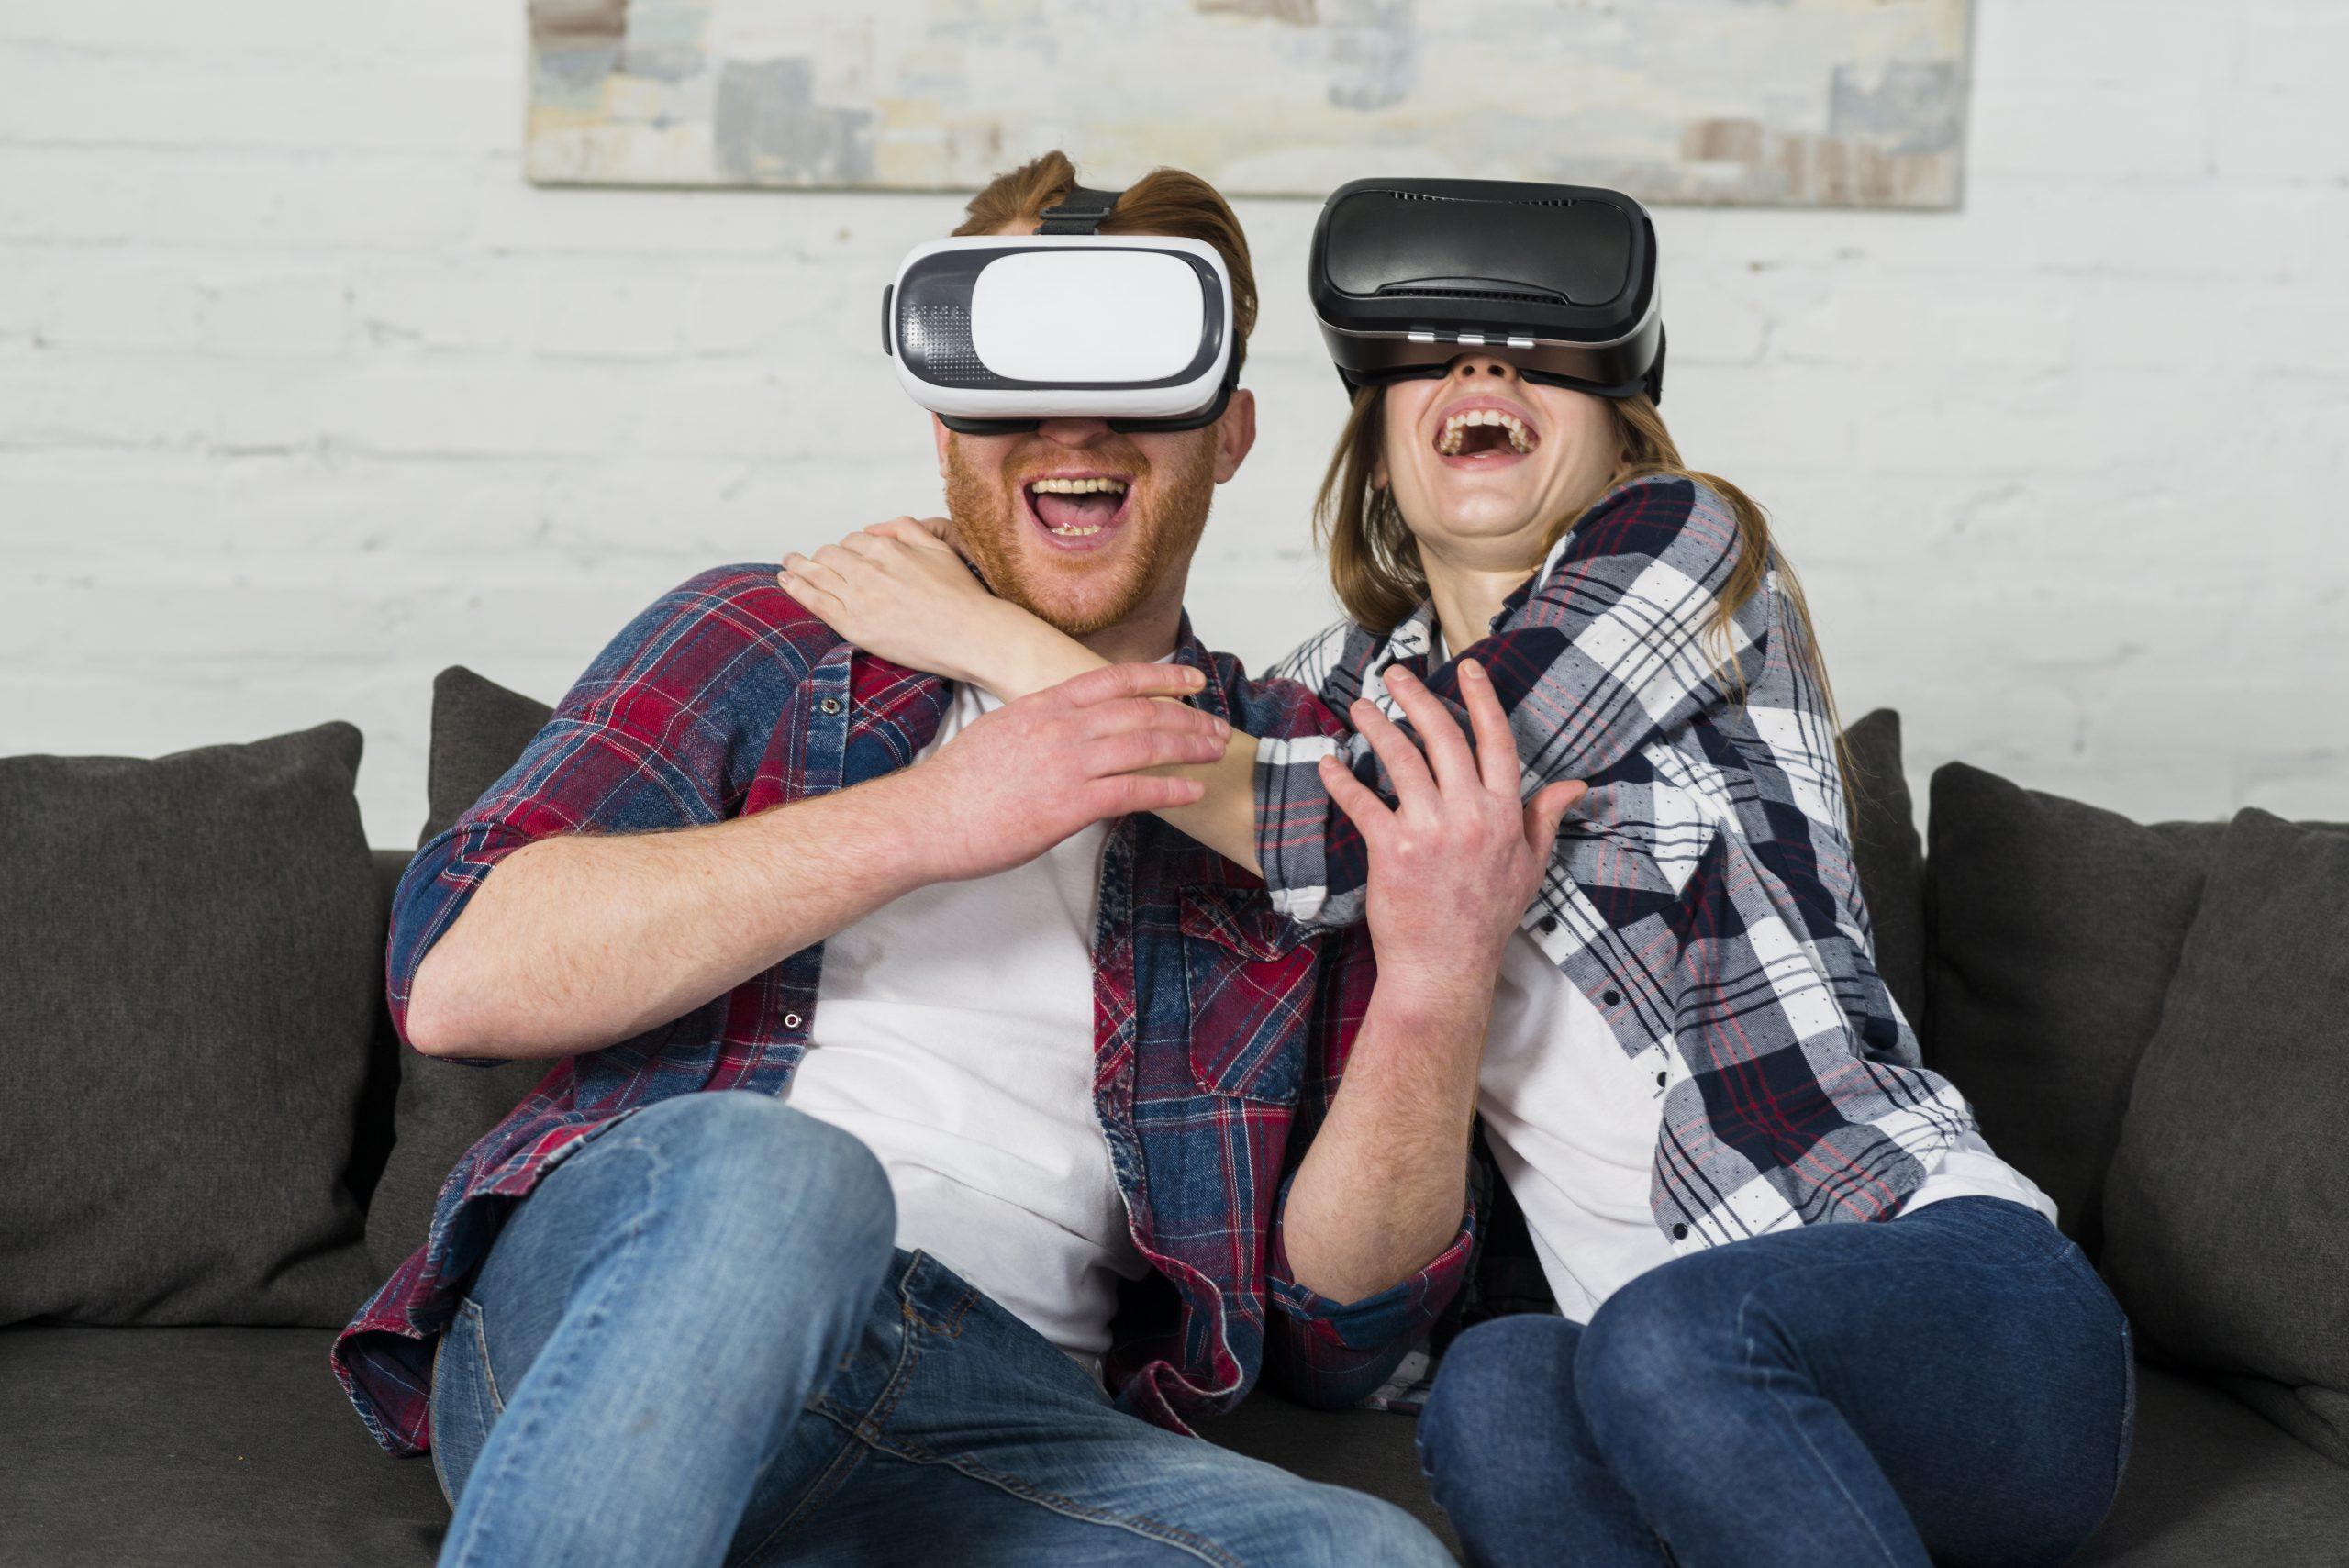 gafas de realidad virtual top